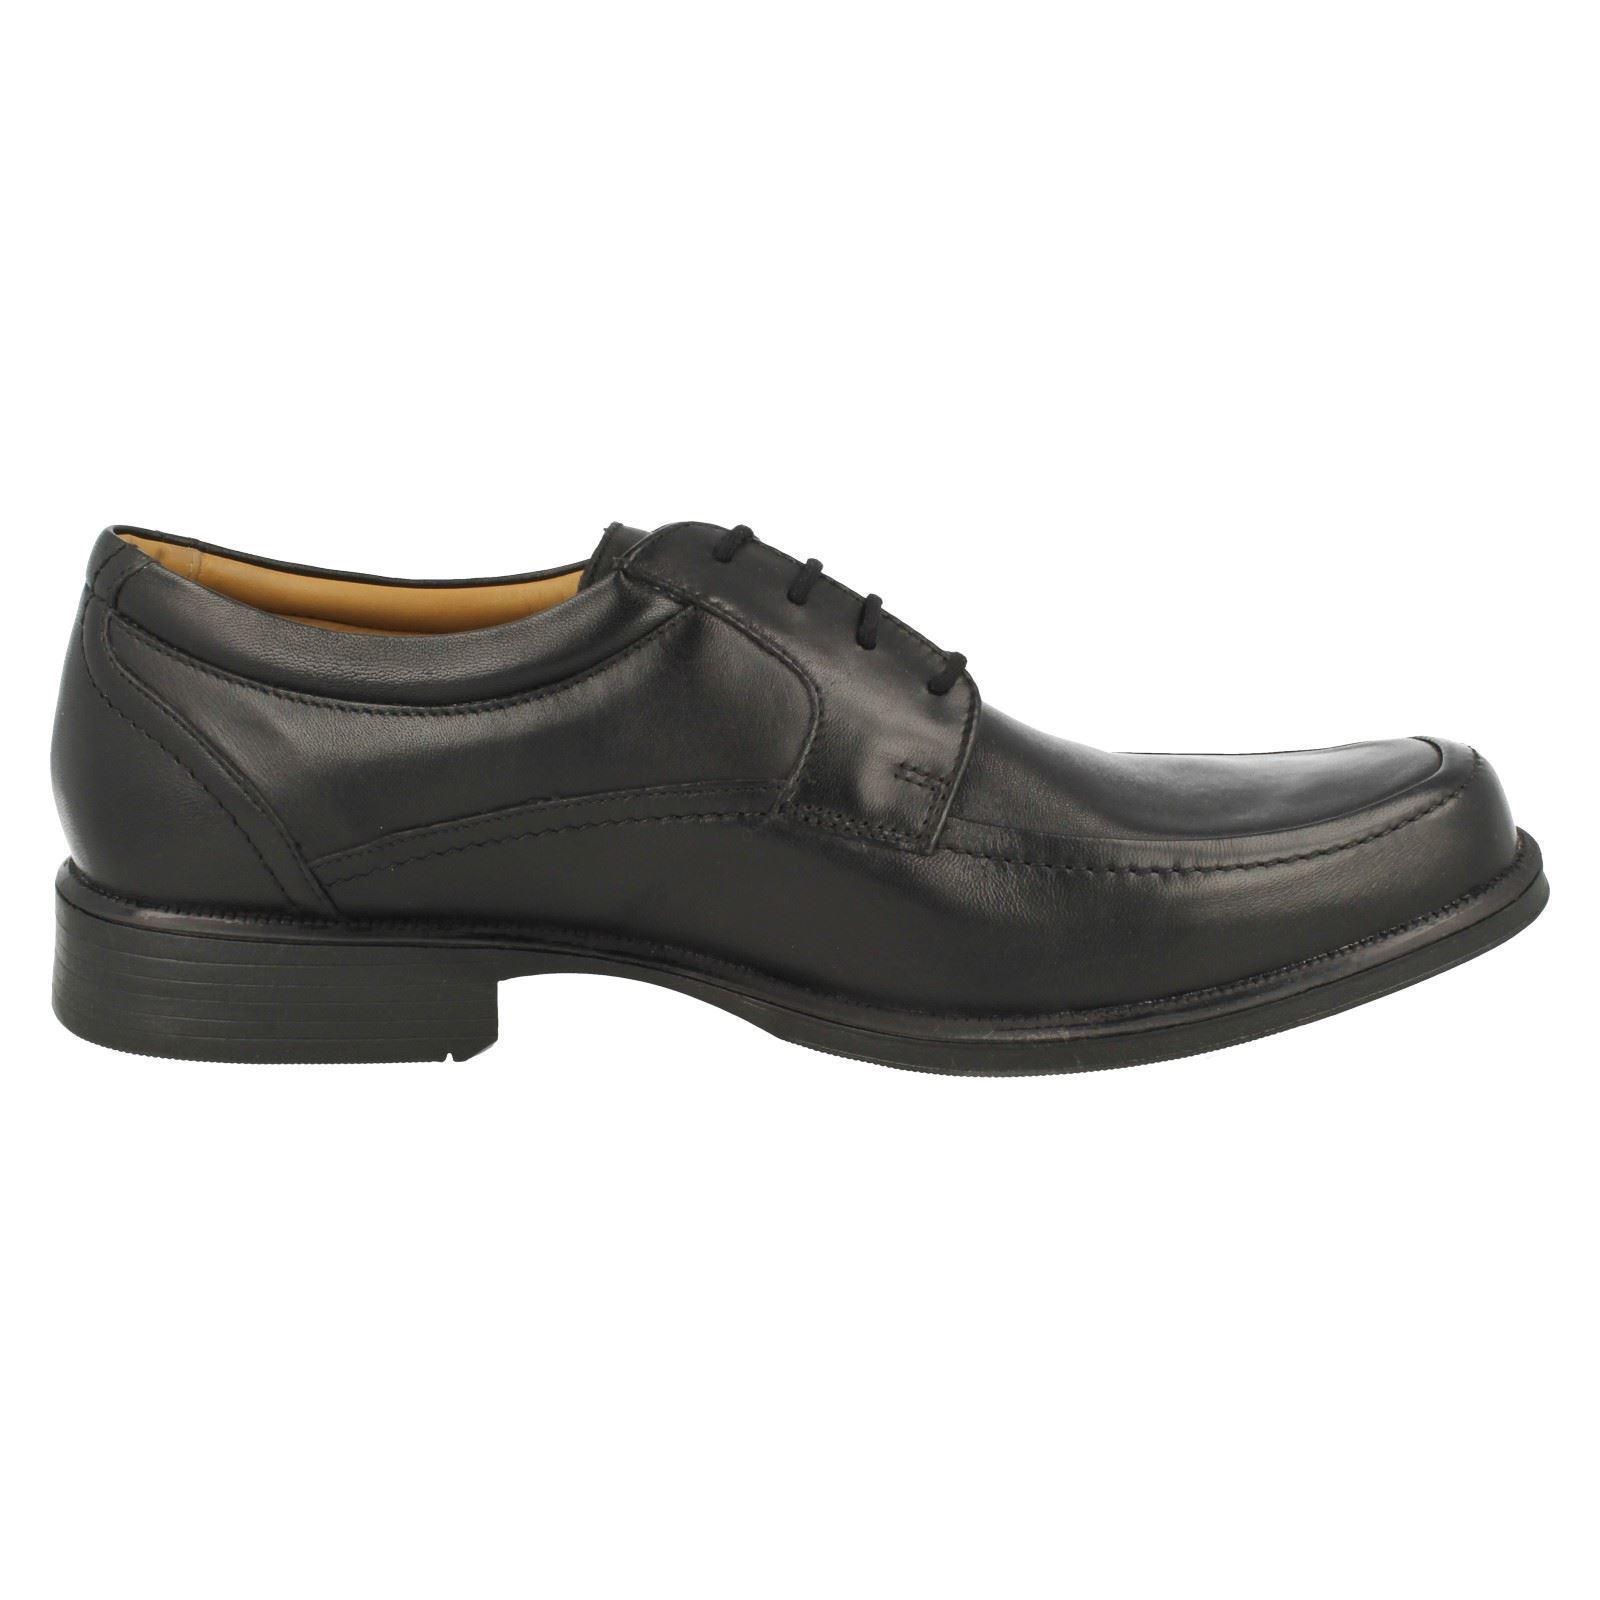 Da Uomo Uomo Uomo Clarks 'Hang Spring  Con Lacci Scarpe Stile  K | Sensazione Di Comfort  e25e65